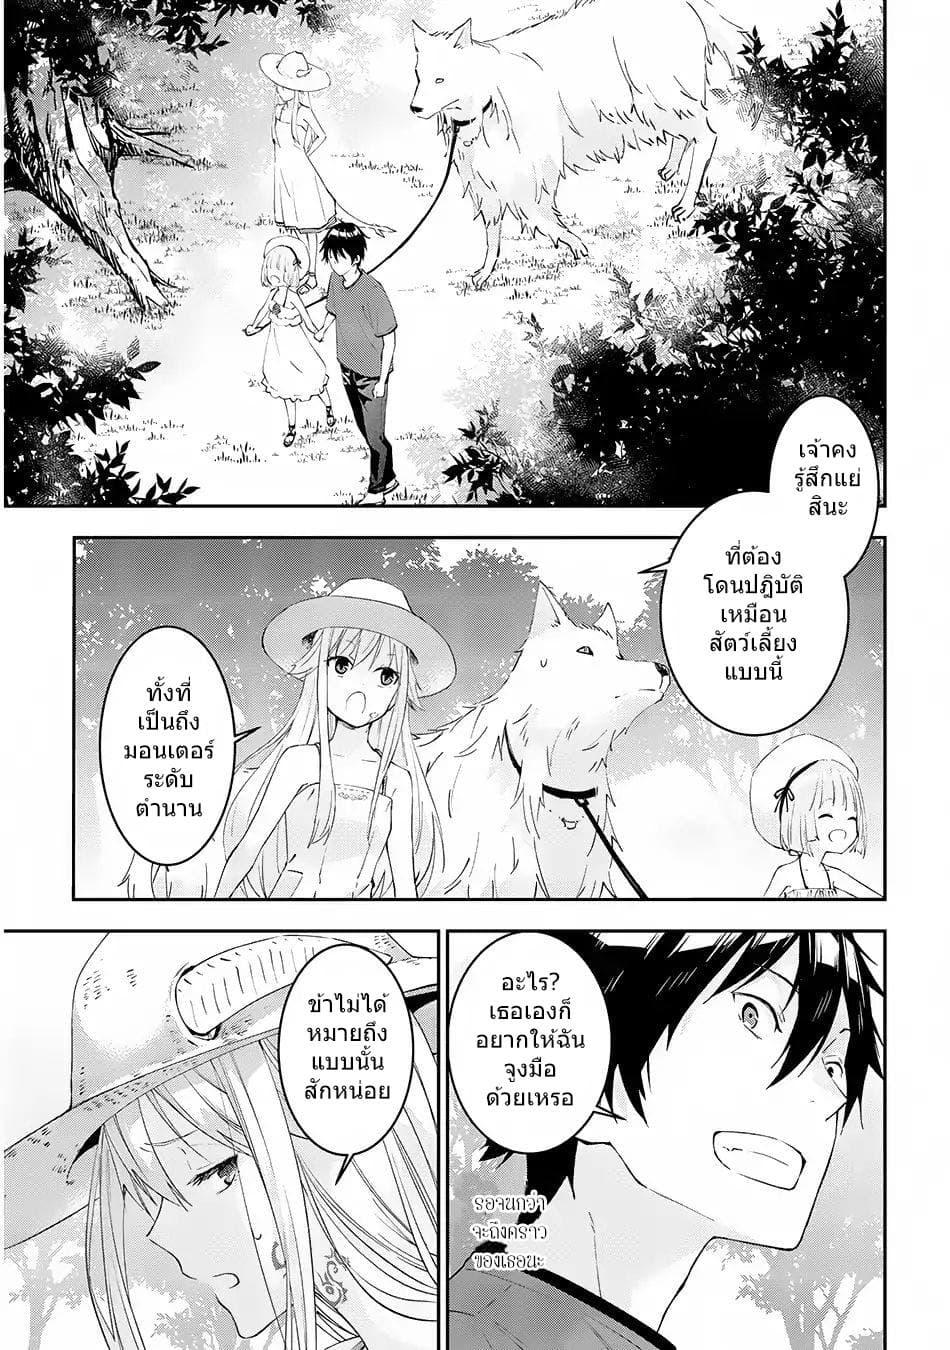 อ่านการ์ตูน Maou ni Natte node Dungeon Tsukutte Jingai Musume to Honobono suru ตอนที่ 14 หน้าที่ 3